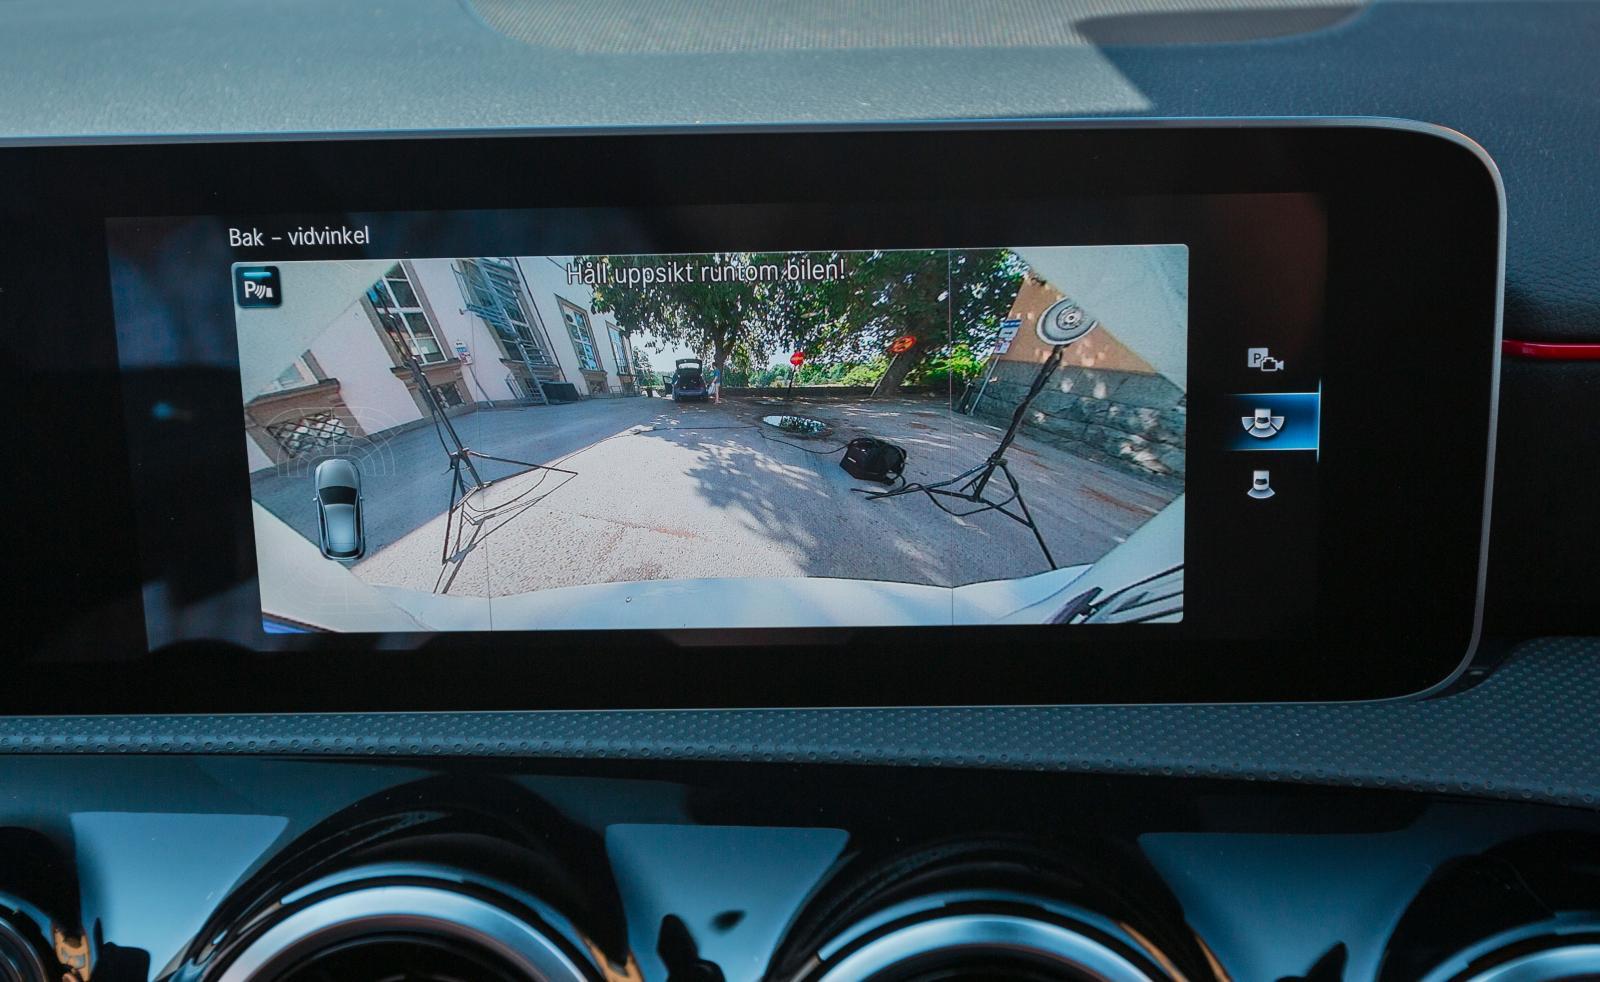 Backkameran kan visa en 180 gradersvy, bra om sidosikten är skymd.